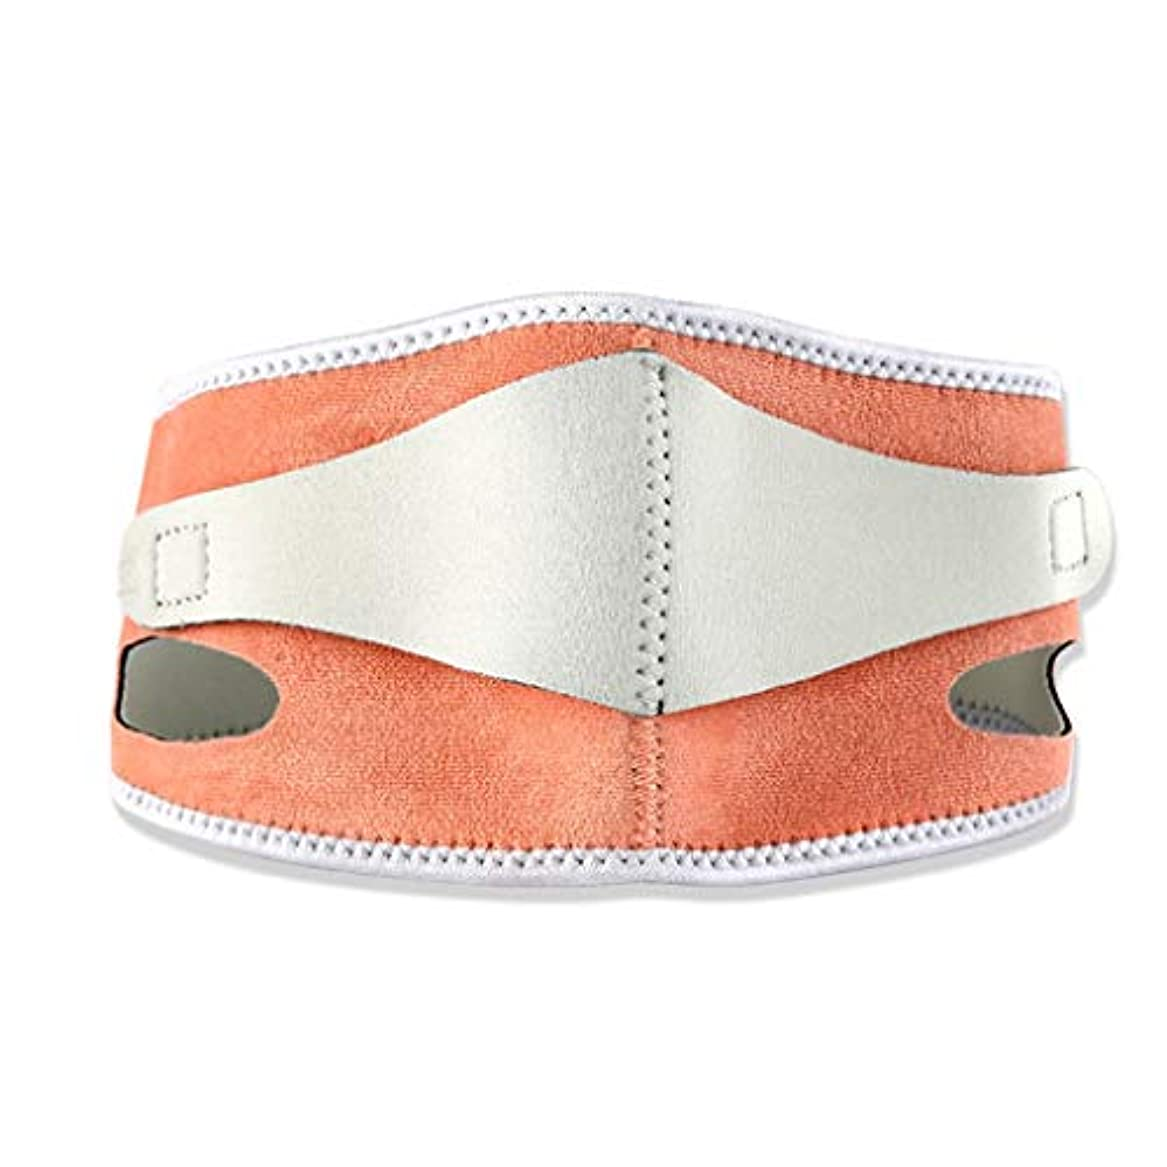 食い違いサスペンションホップCHSY 薄い顔ベルト、薄い顔包帯通気性睡眠リフティングファーミング二重あご美容補正マスク 薄い顔の包帯 (Color : Orange)